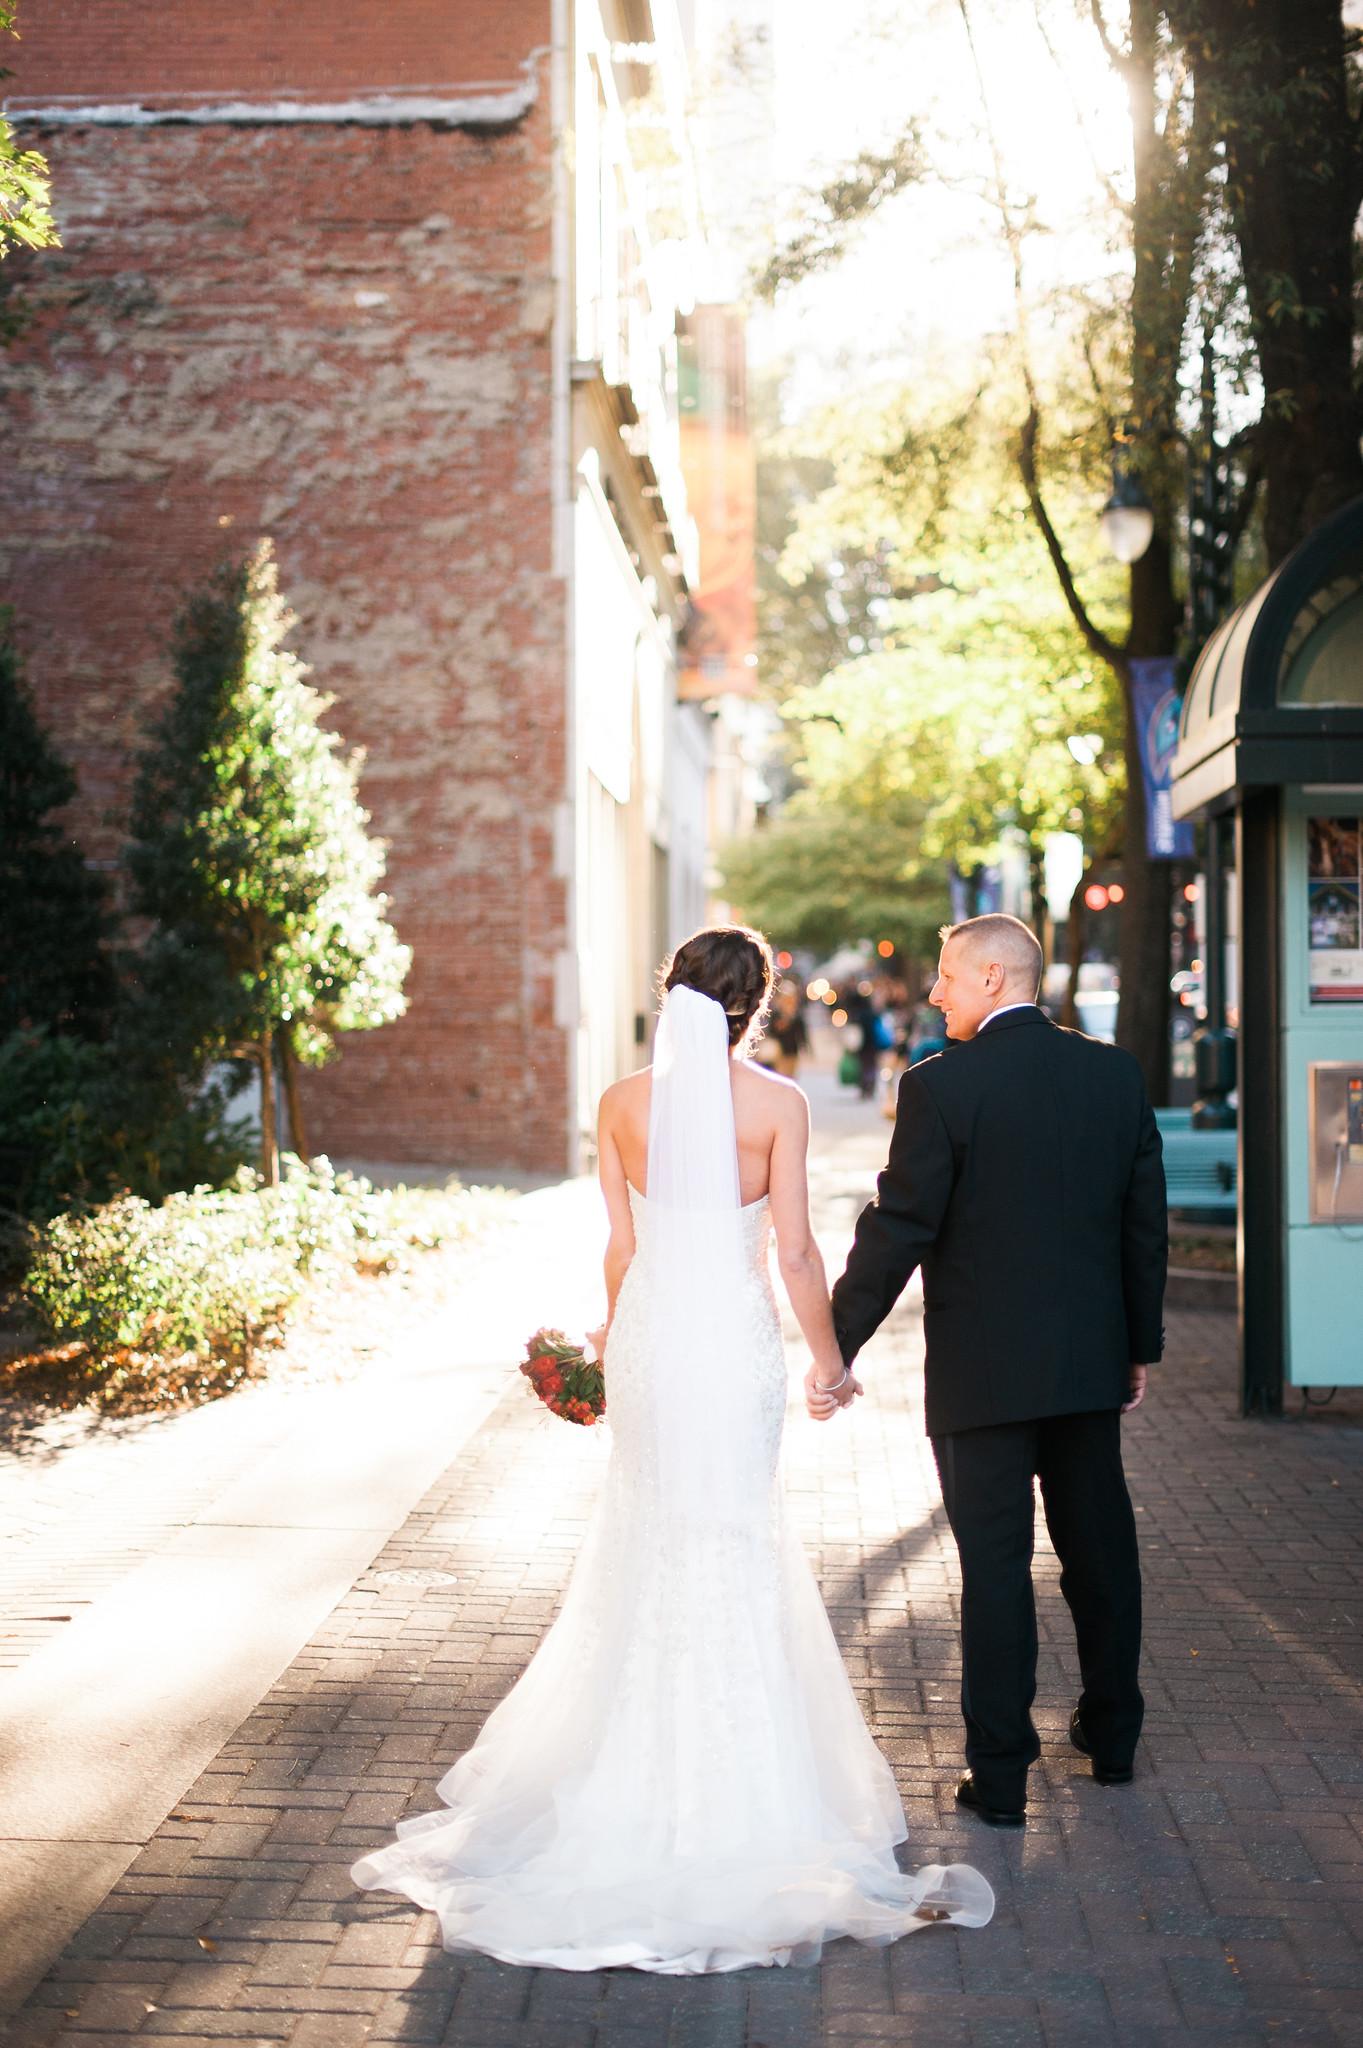 hoke-wedding-291-X4.jpg